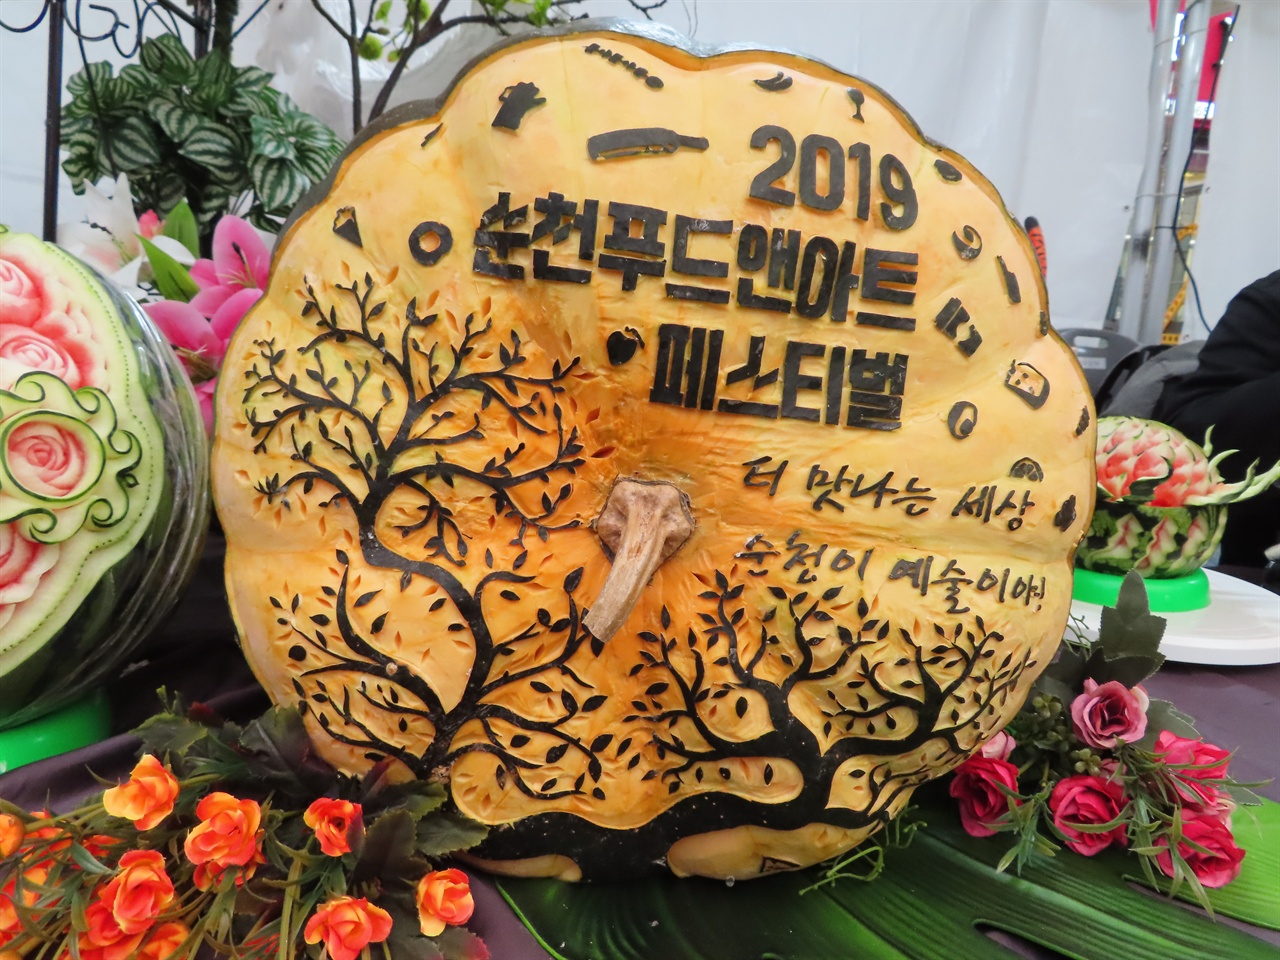 푸드카빙 순천푸드앤아트페스티벌에서 마련된 순천푸드카빙아카데미 부스에 공개된 늙은호박을 소재로 한 푸드카빙.